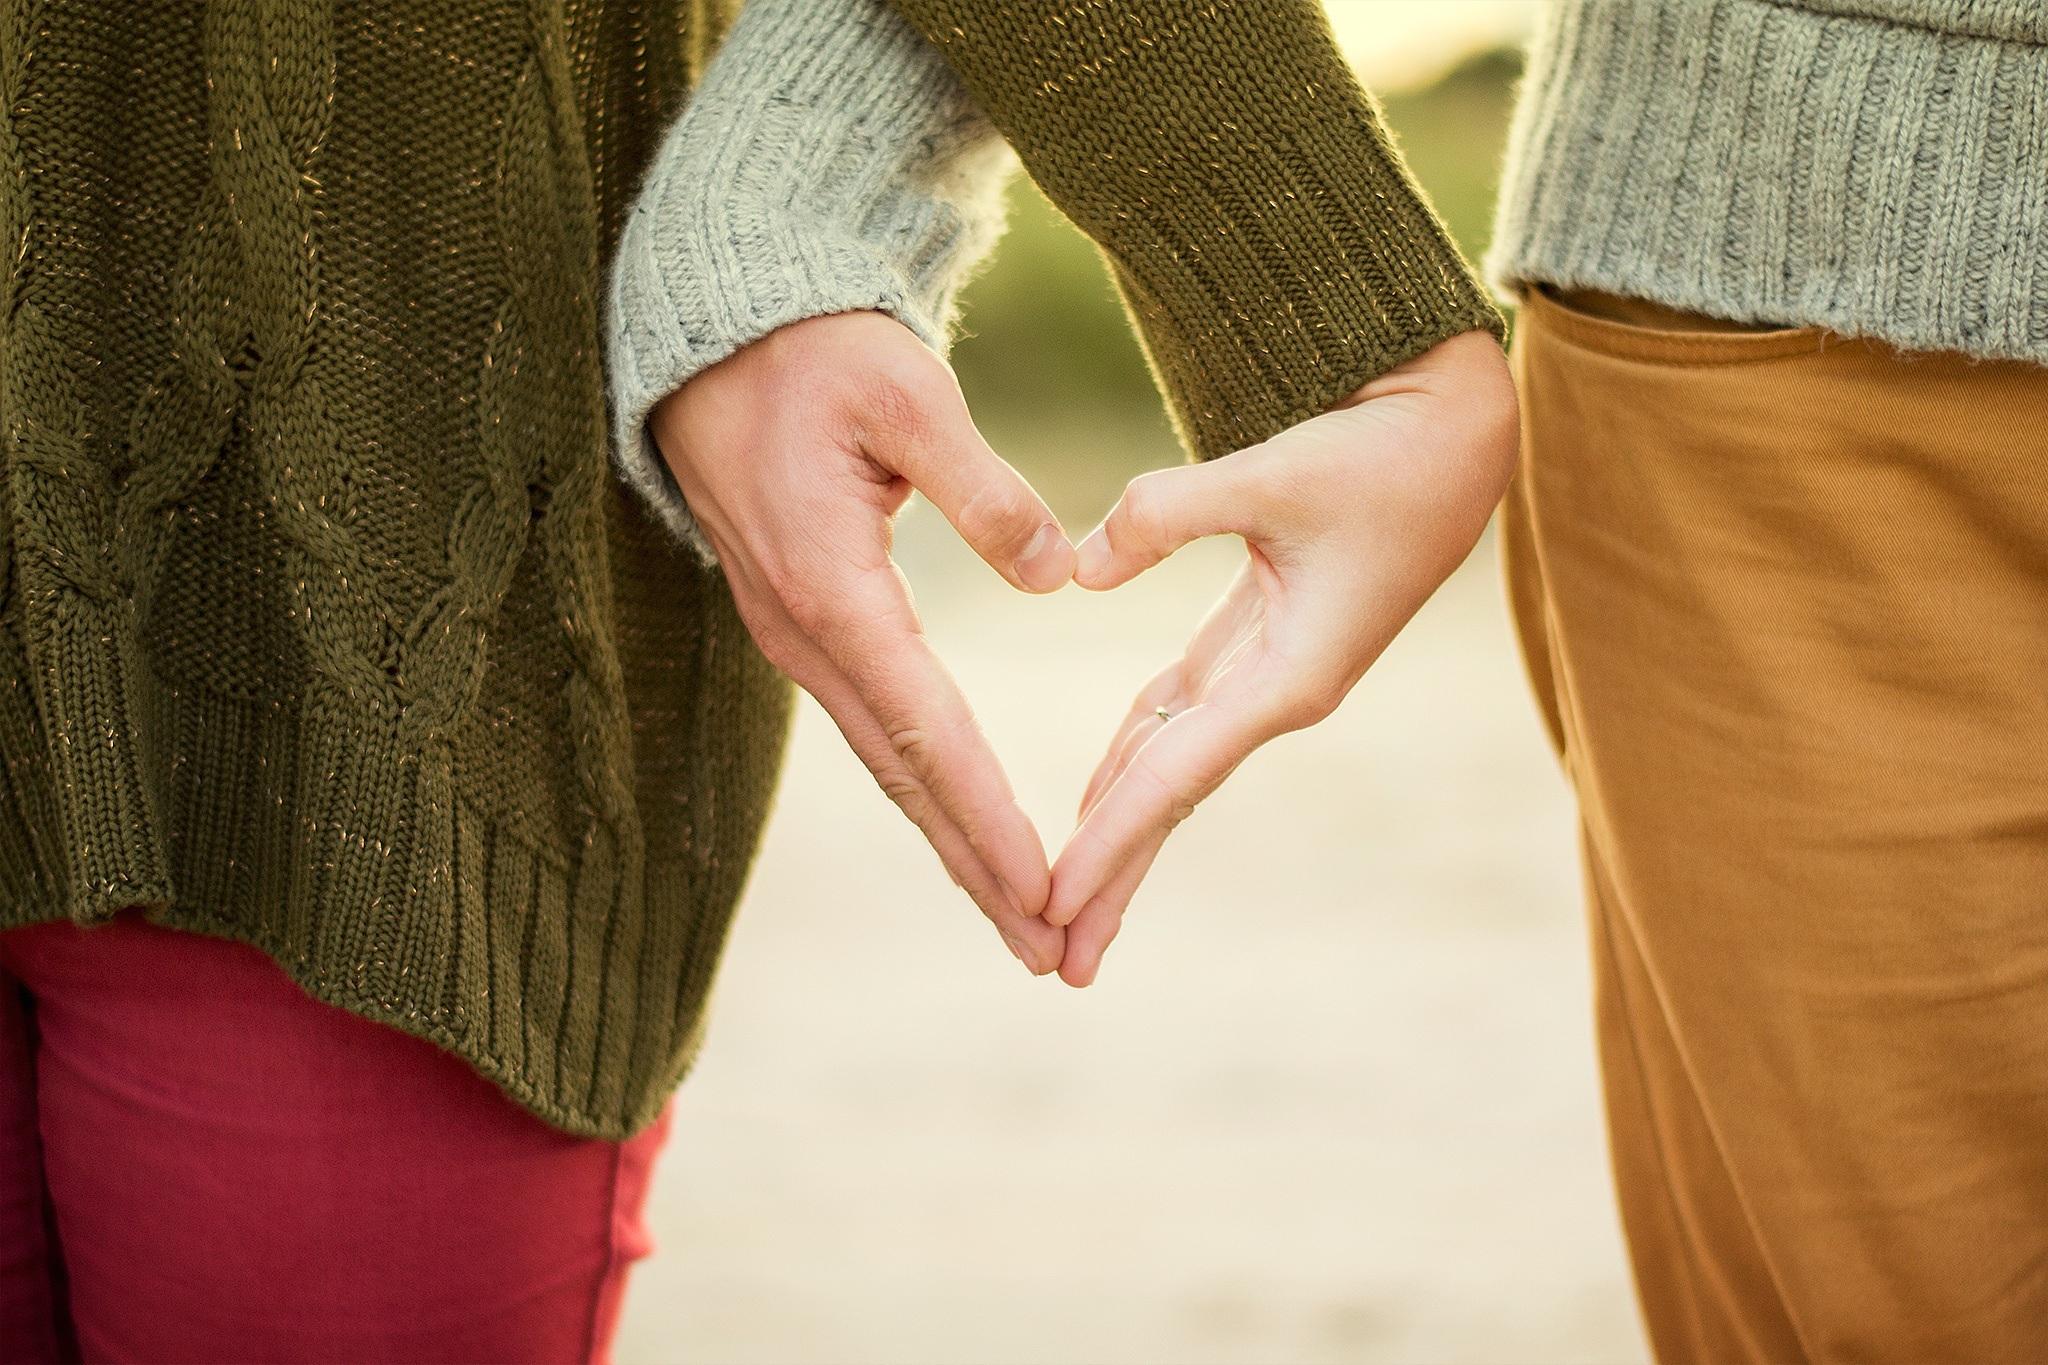 Картинки девушка с другом держатся за руку